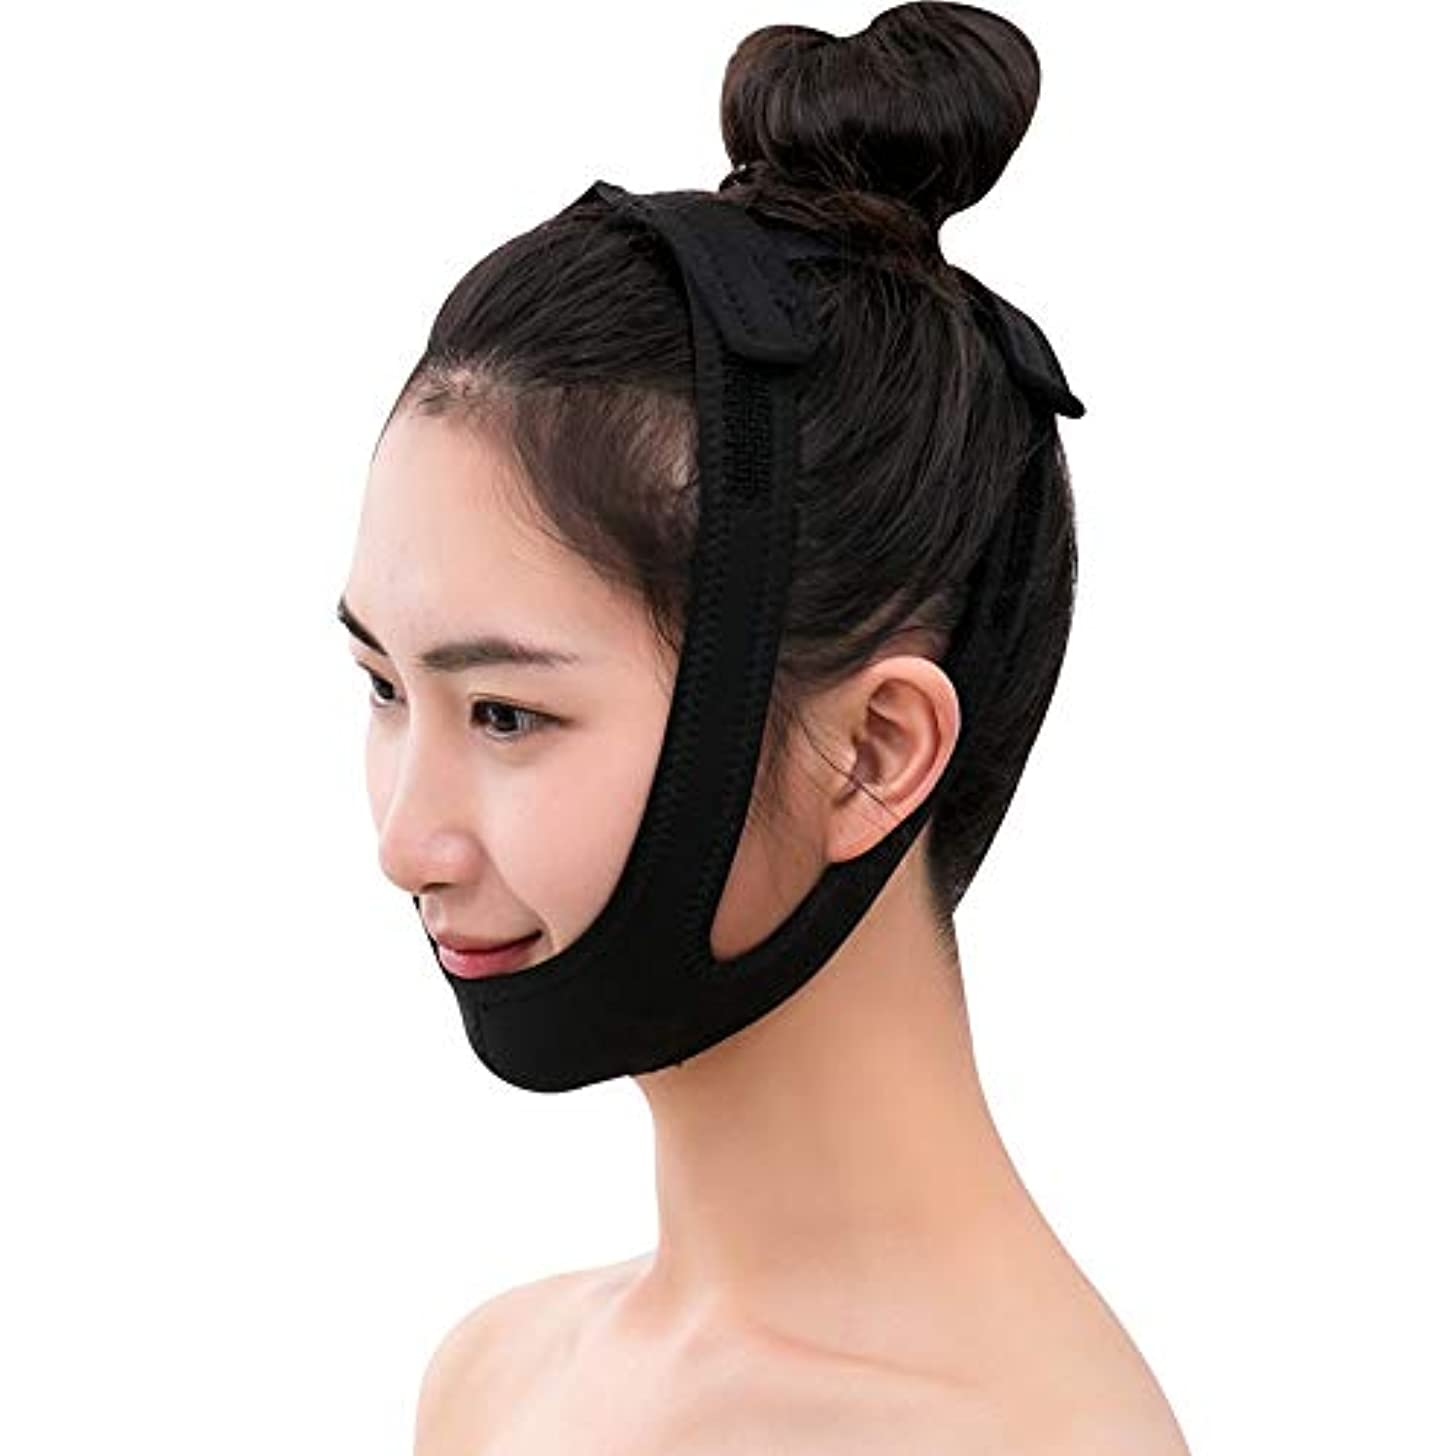 節約維持する金属フェイスリフティング包帯、Vフェイス睡眠フェイスマスク、整形と持ち上げ、ダブルチンストラップ